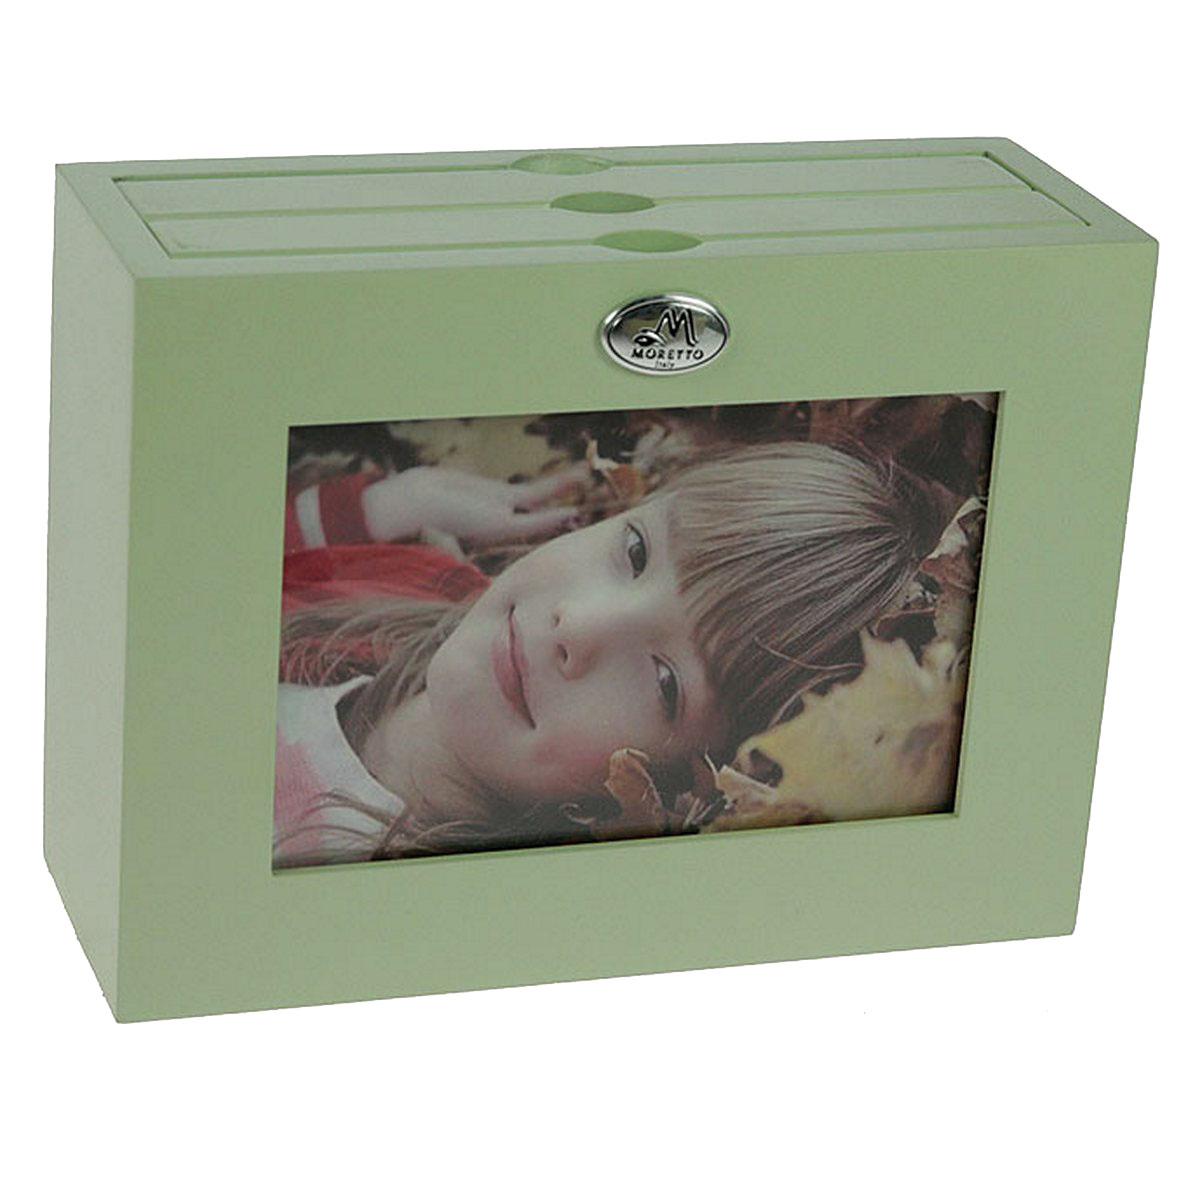 Архивный фотоальбом Moretto, на 48 фото, 10 x 15 см. 138005 фотоальбом platinum ландшафт 1 200 фотографий 10 х 15 см цвет зеленый голубой коричневый pp 46200s